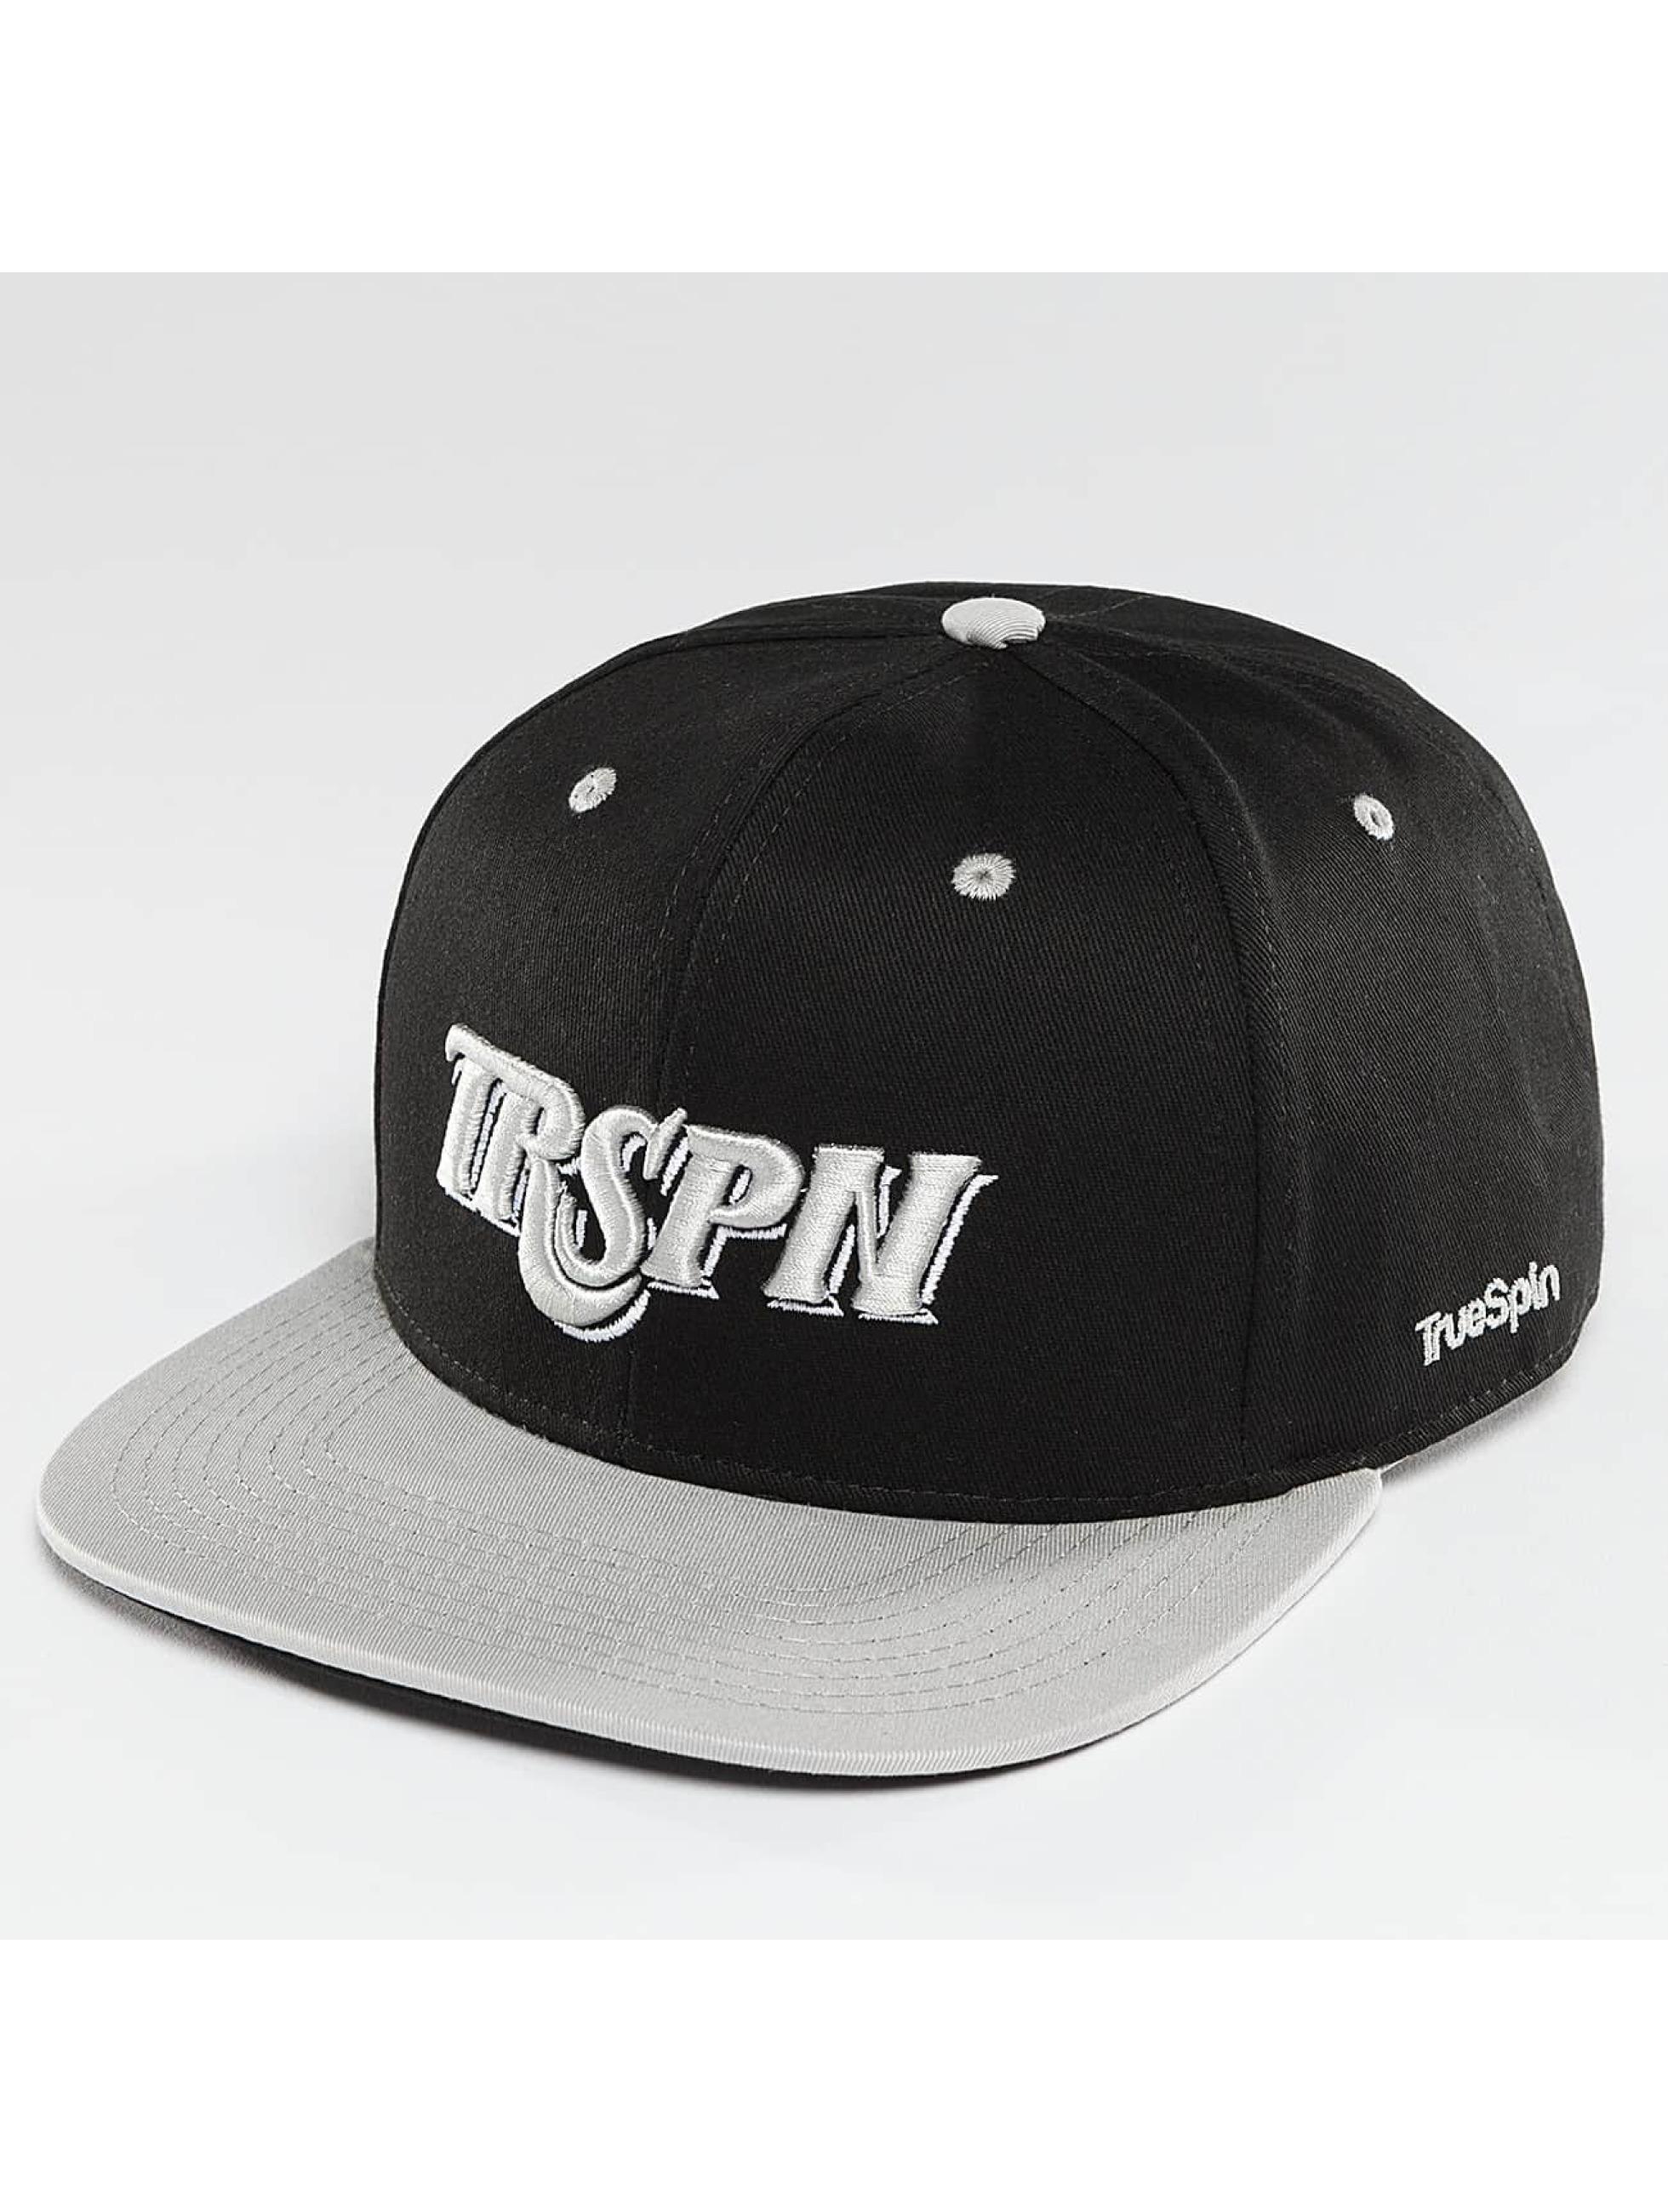 TrueSpin Casquette Snapback & Strapback Team TRSPN noir